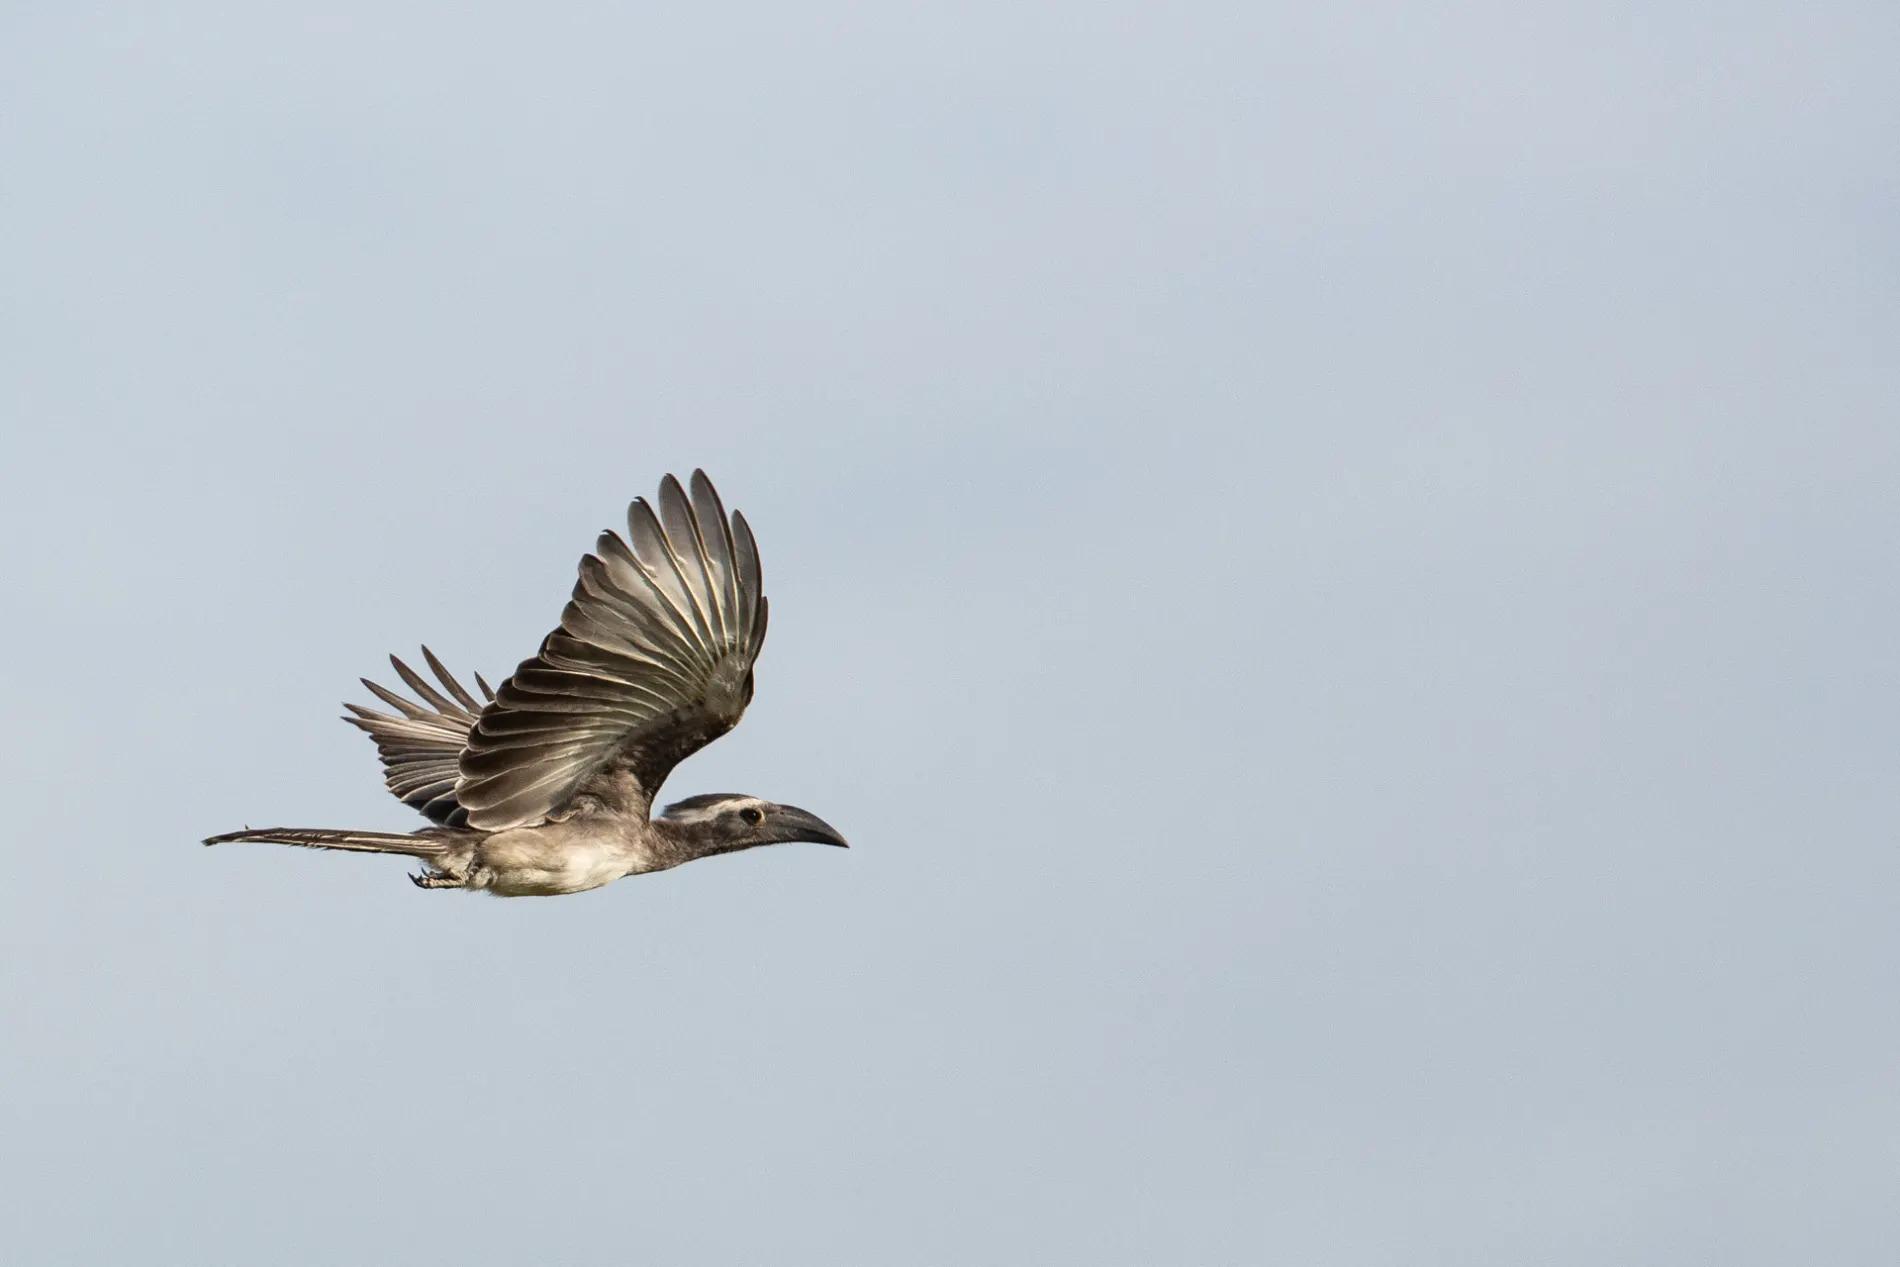 Hornbill in flight